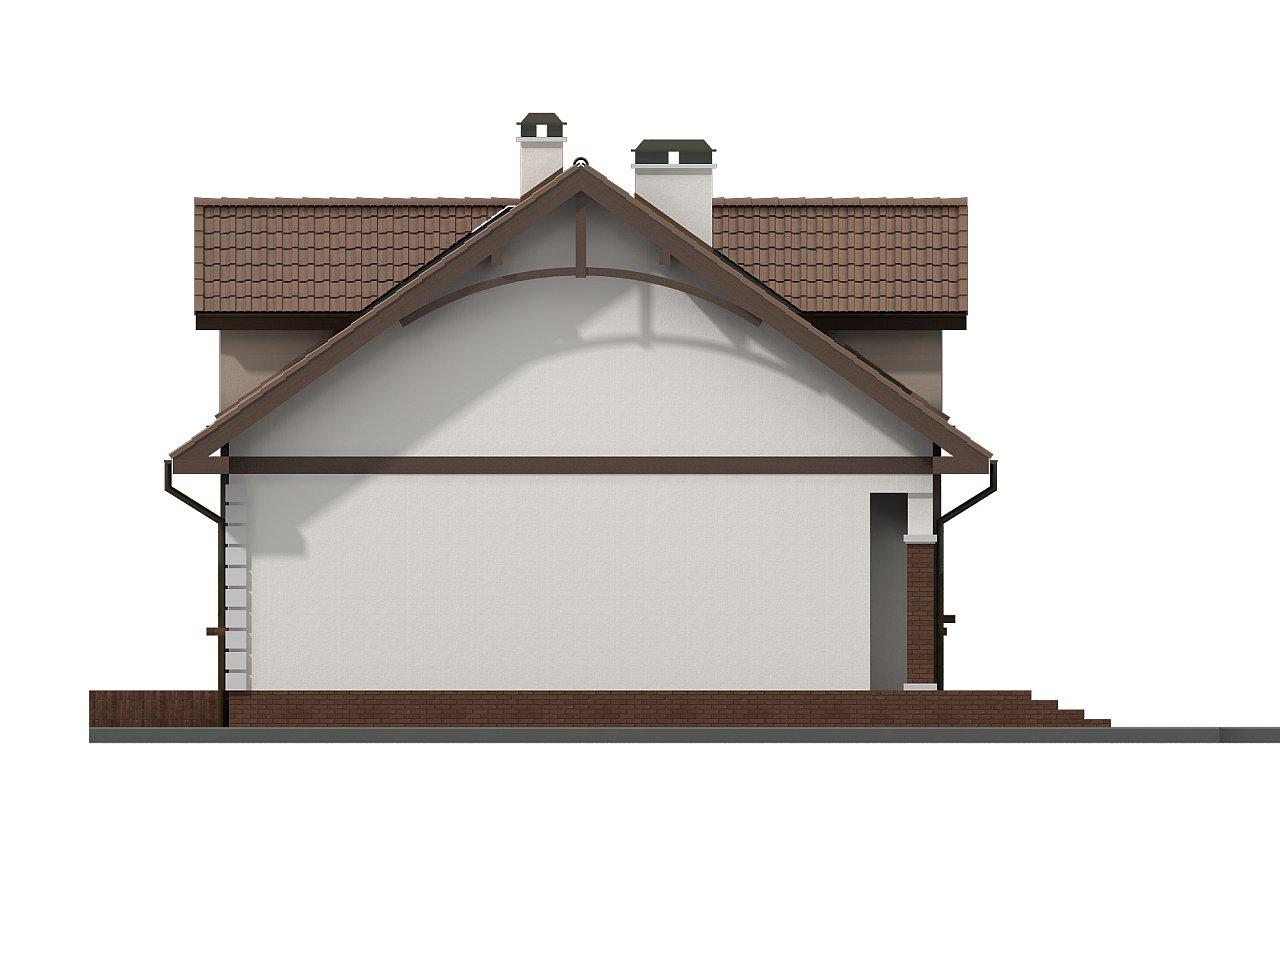 Элегантный дом с мансардой, эркером и балконом над ним. 6